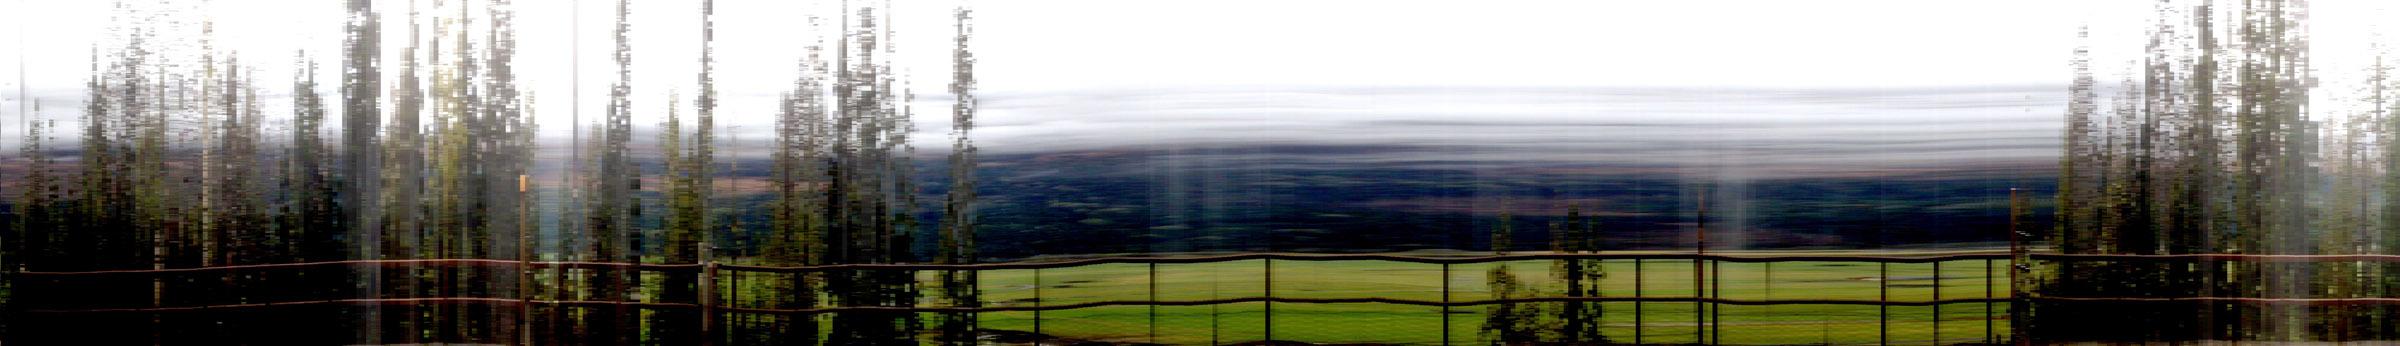 johann moser - timebased landscape 88-6